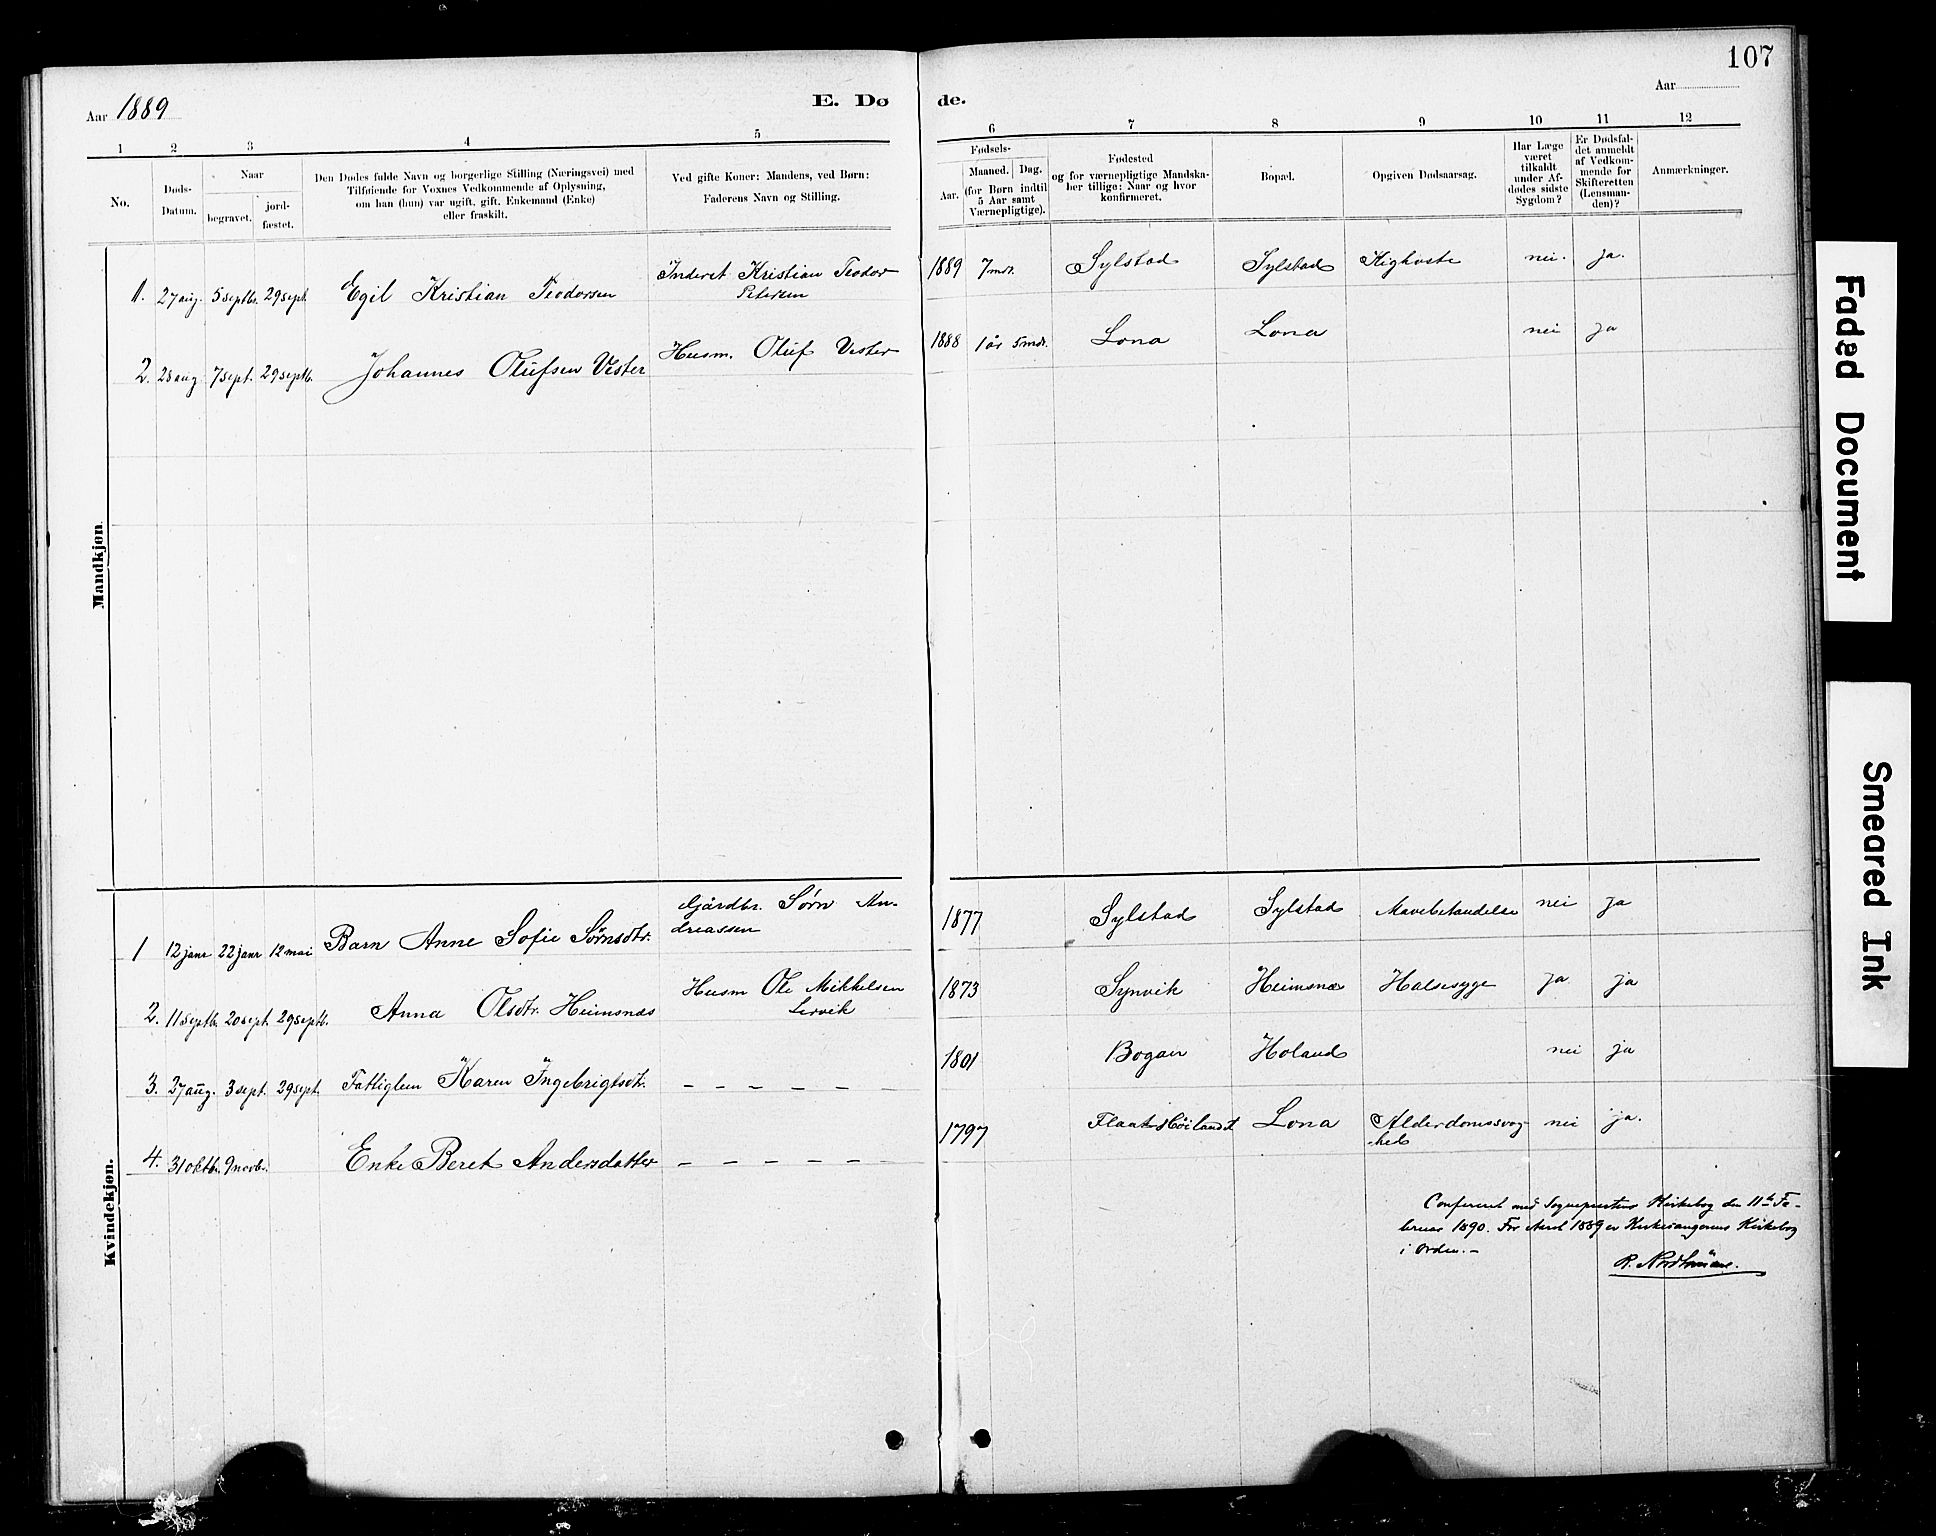 SAT, Ministerialprotokoller, klokkerbøker og fødselsregistre - Nord-Trøndelag, 783/L0661: Klokkerbok nr. 783C01, 1878-1893, s. 107